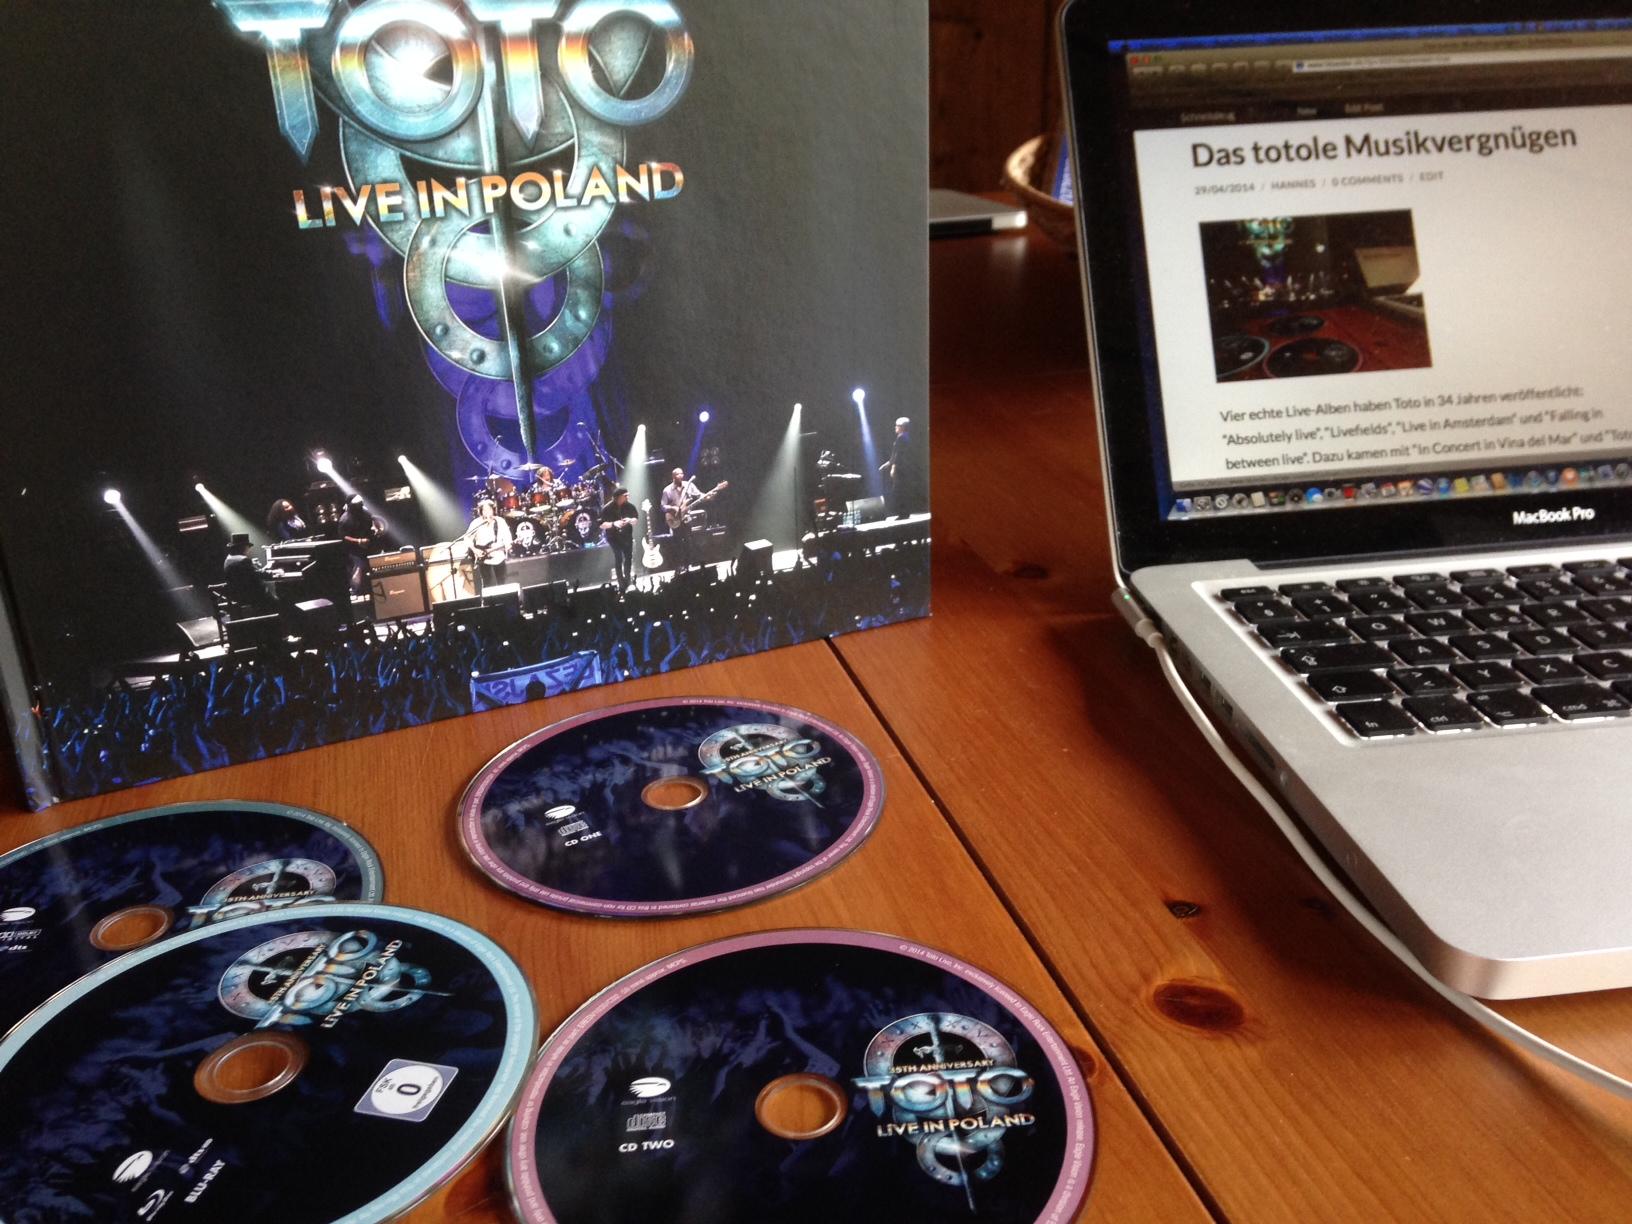 Das totole Musikvergnügen